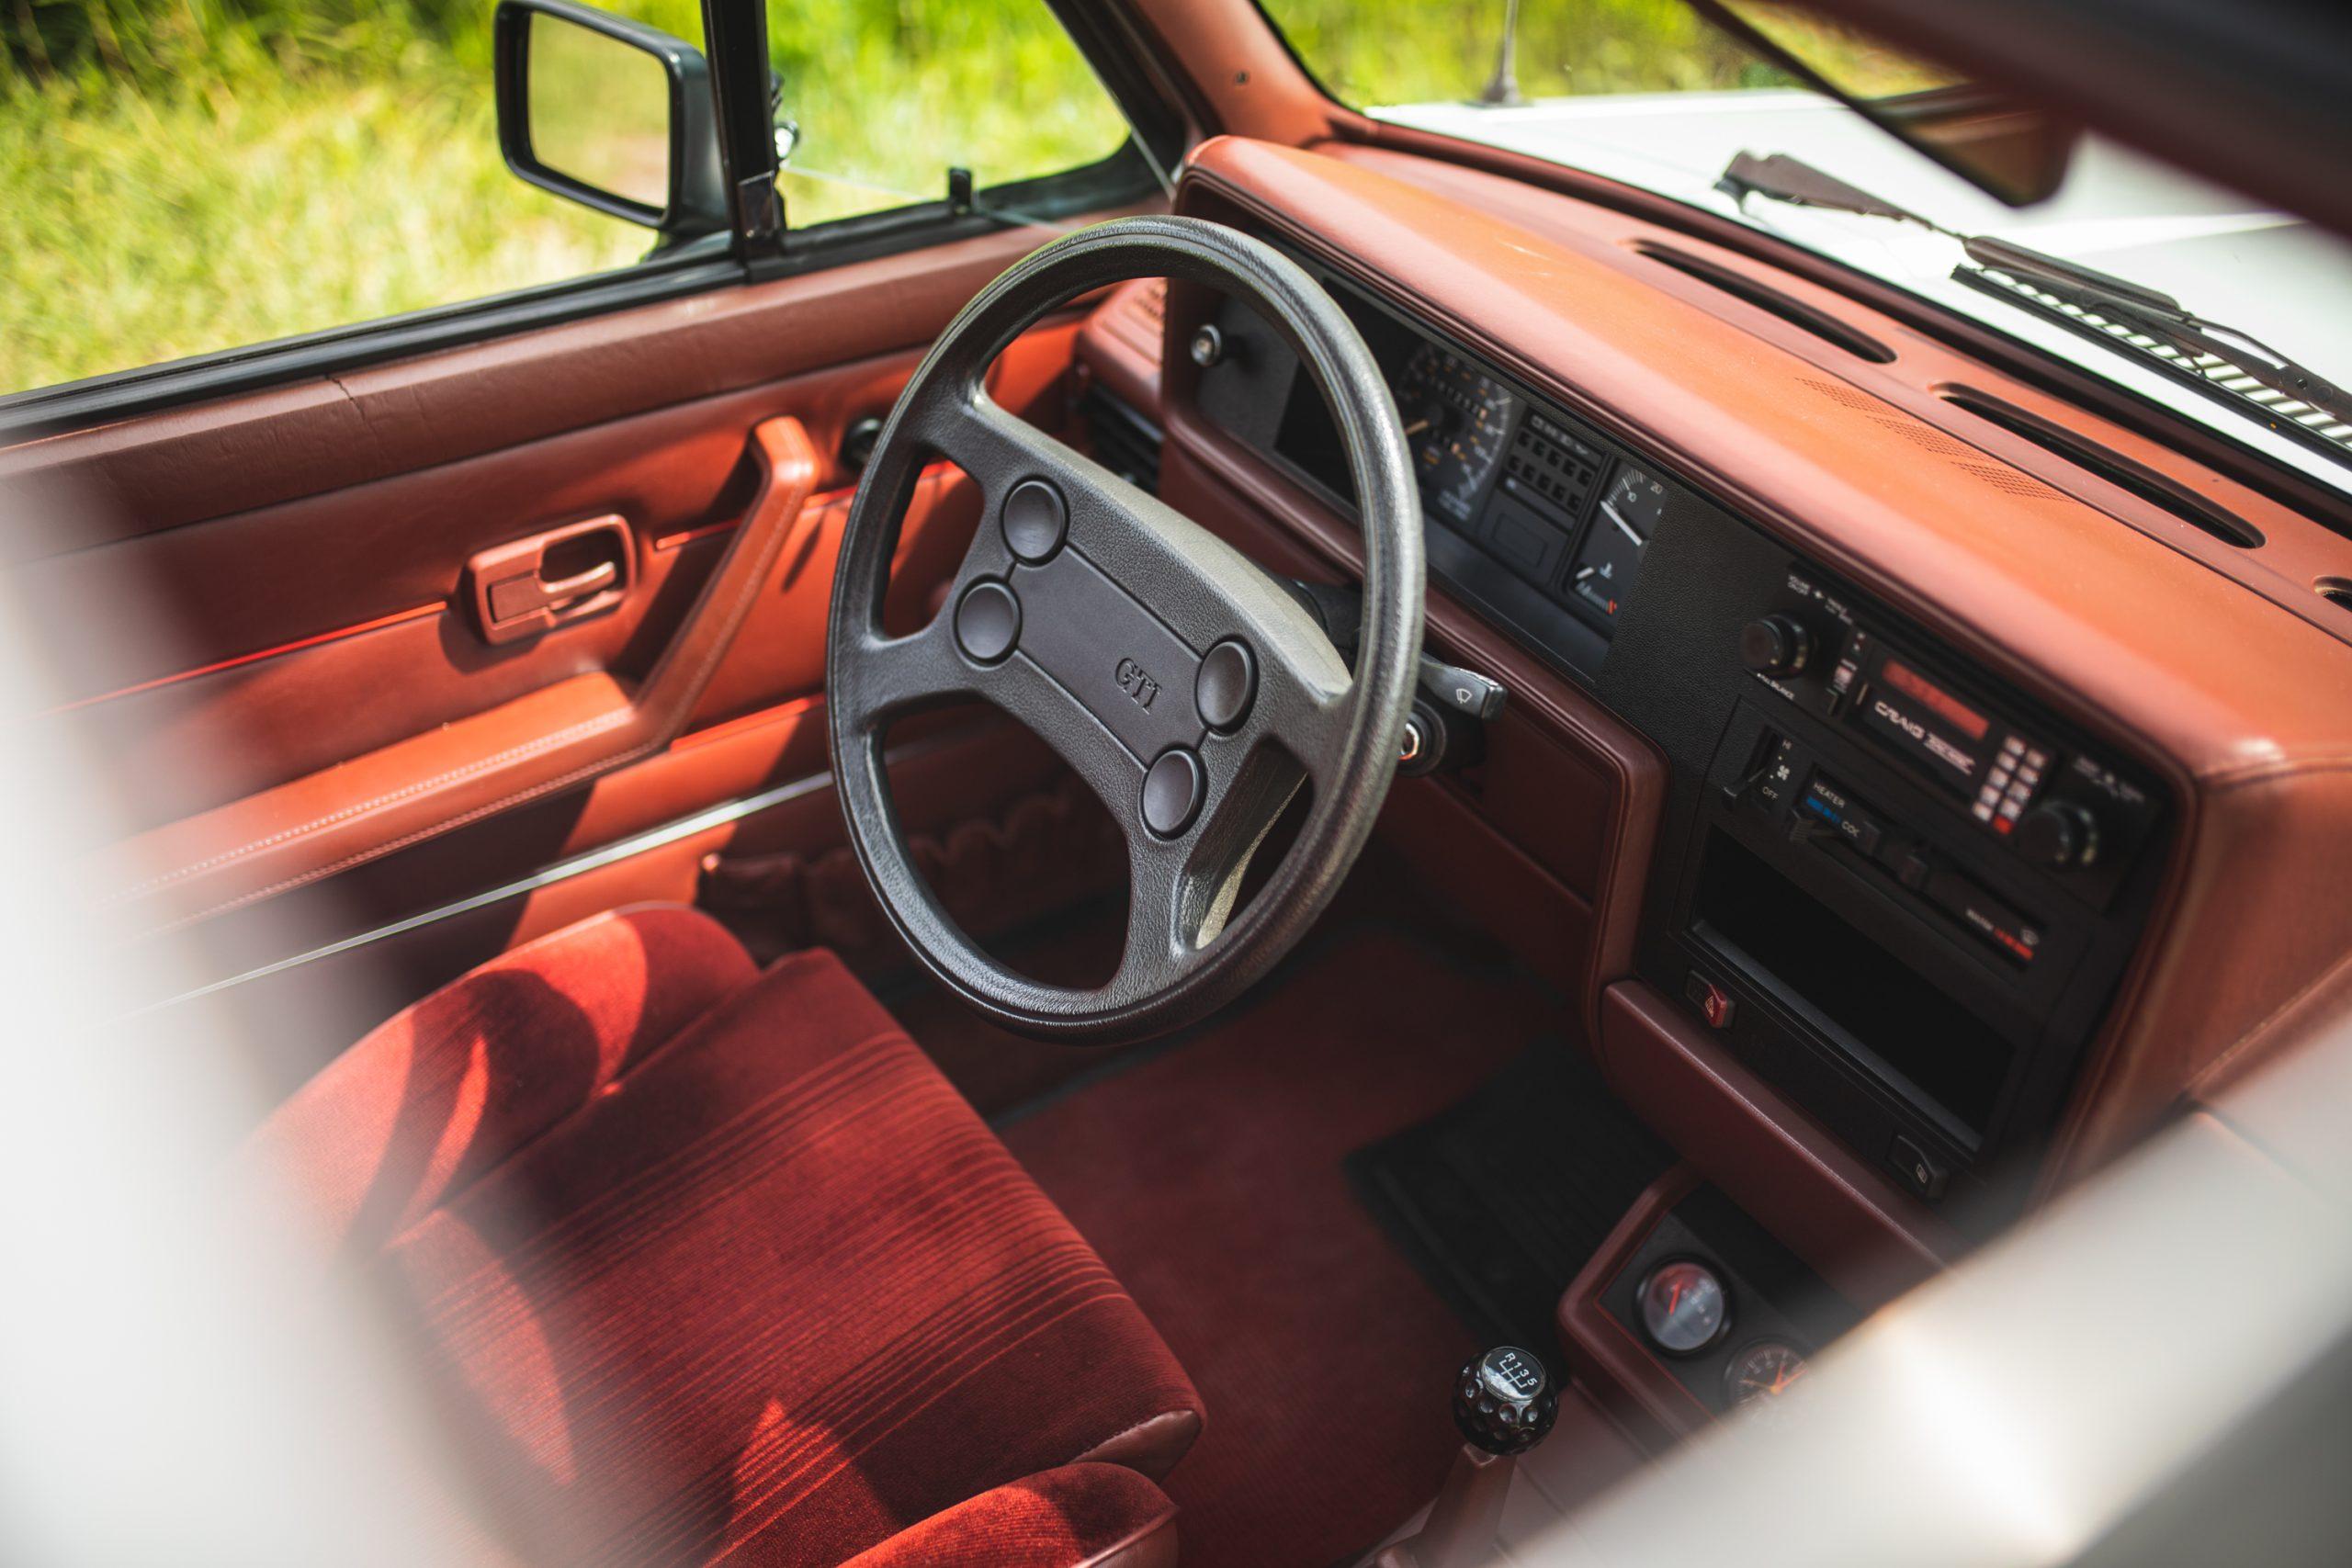 retro volkswagen rabbit gti hatchback steering wheel